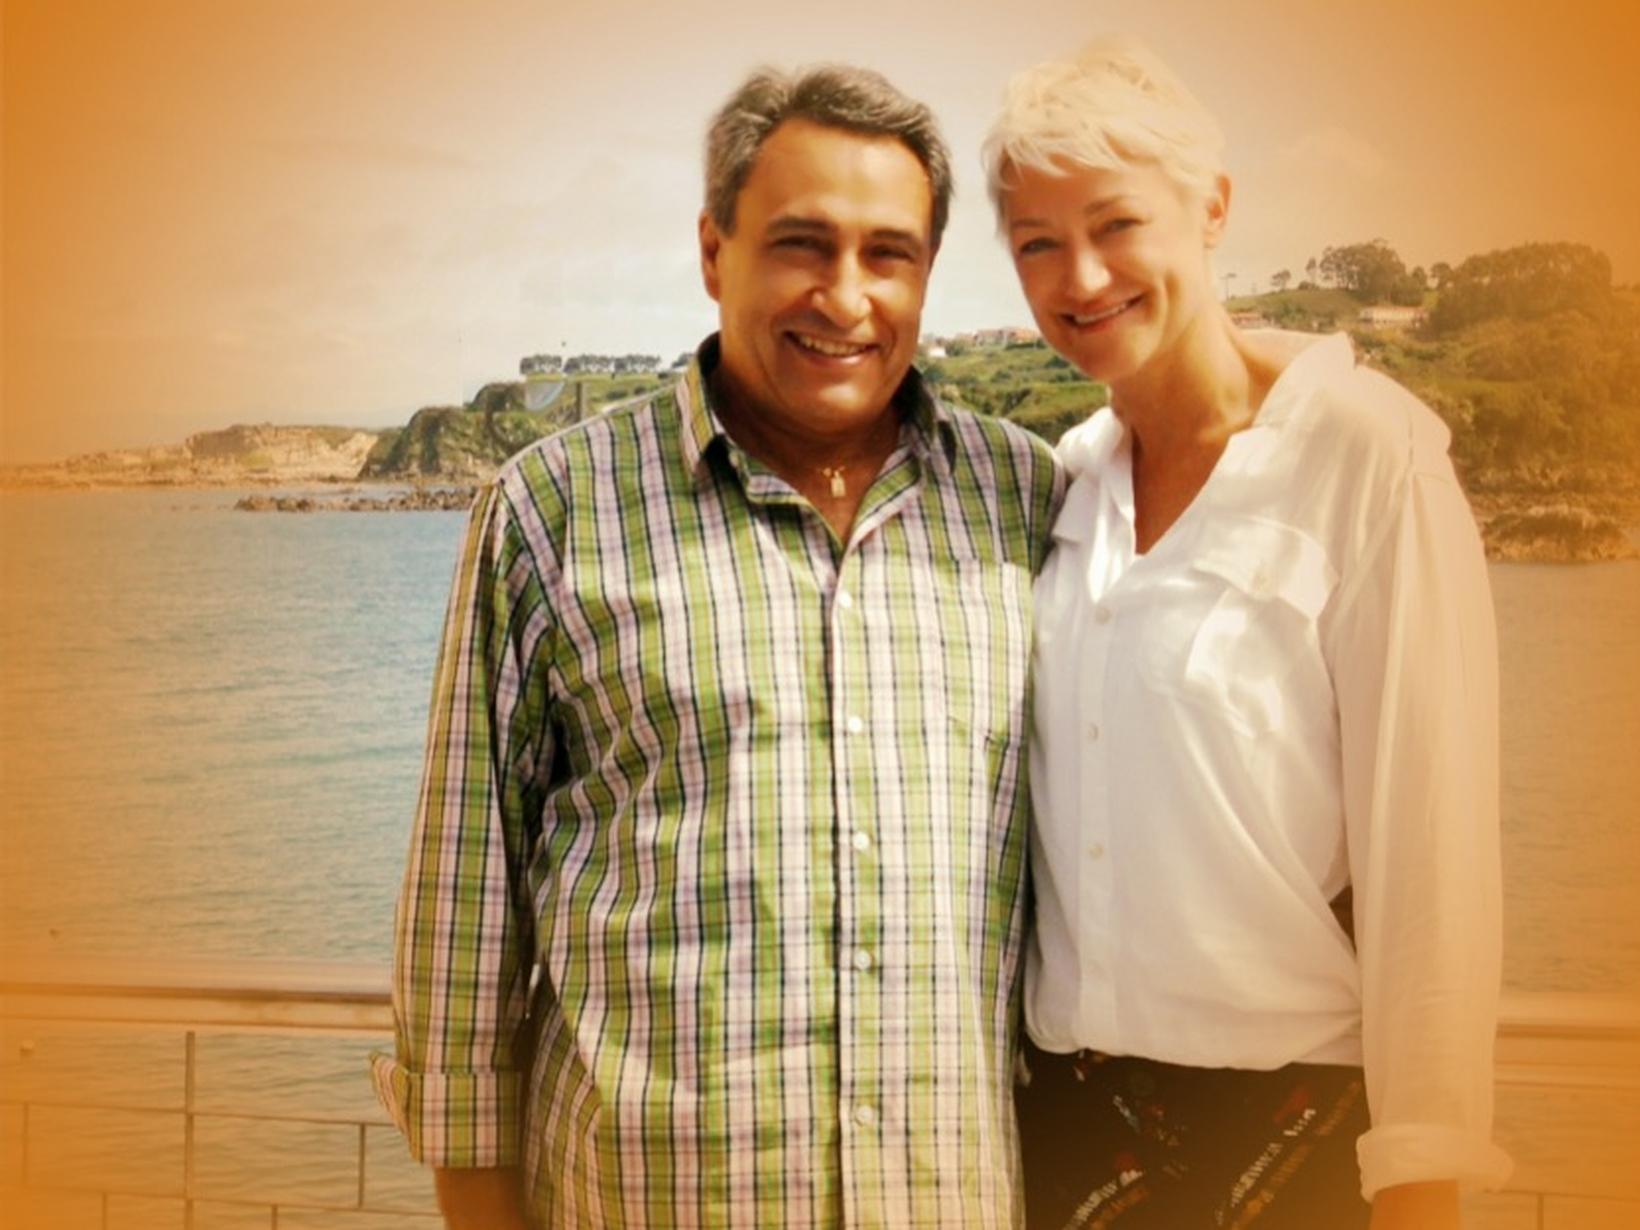 Elizabeth & Jose from León, Spain